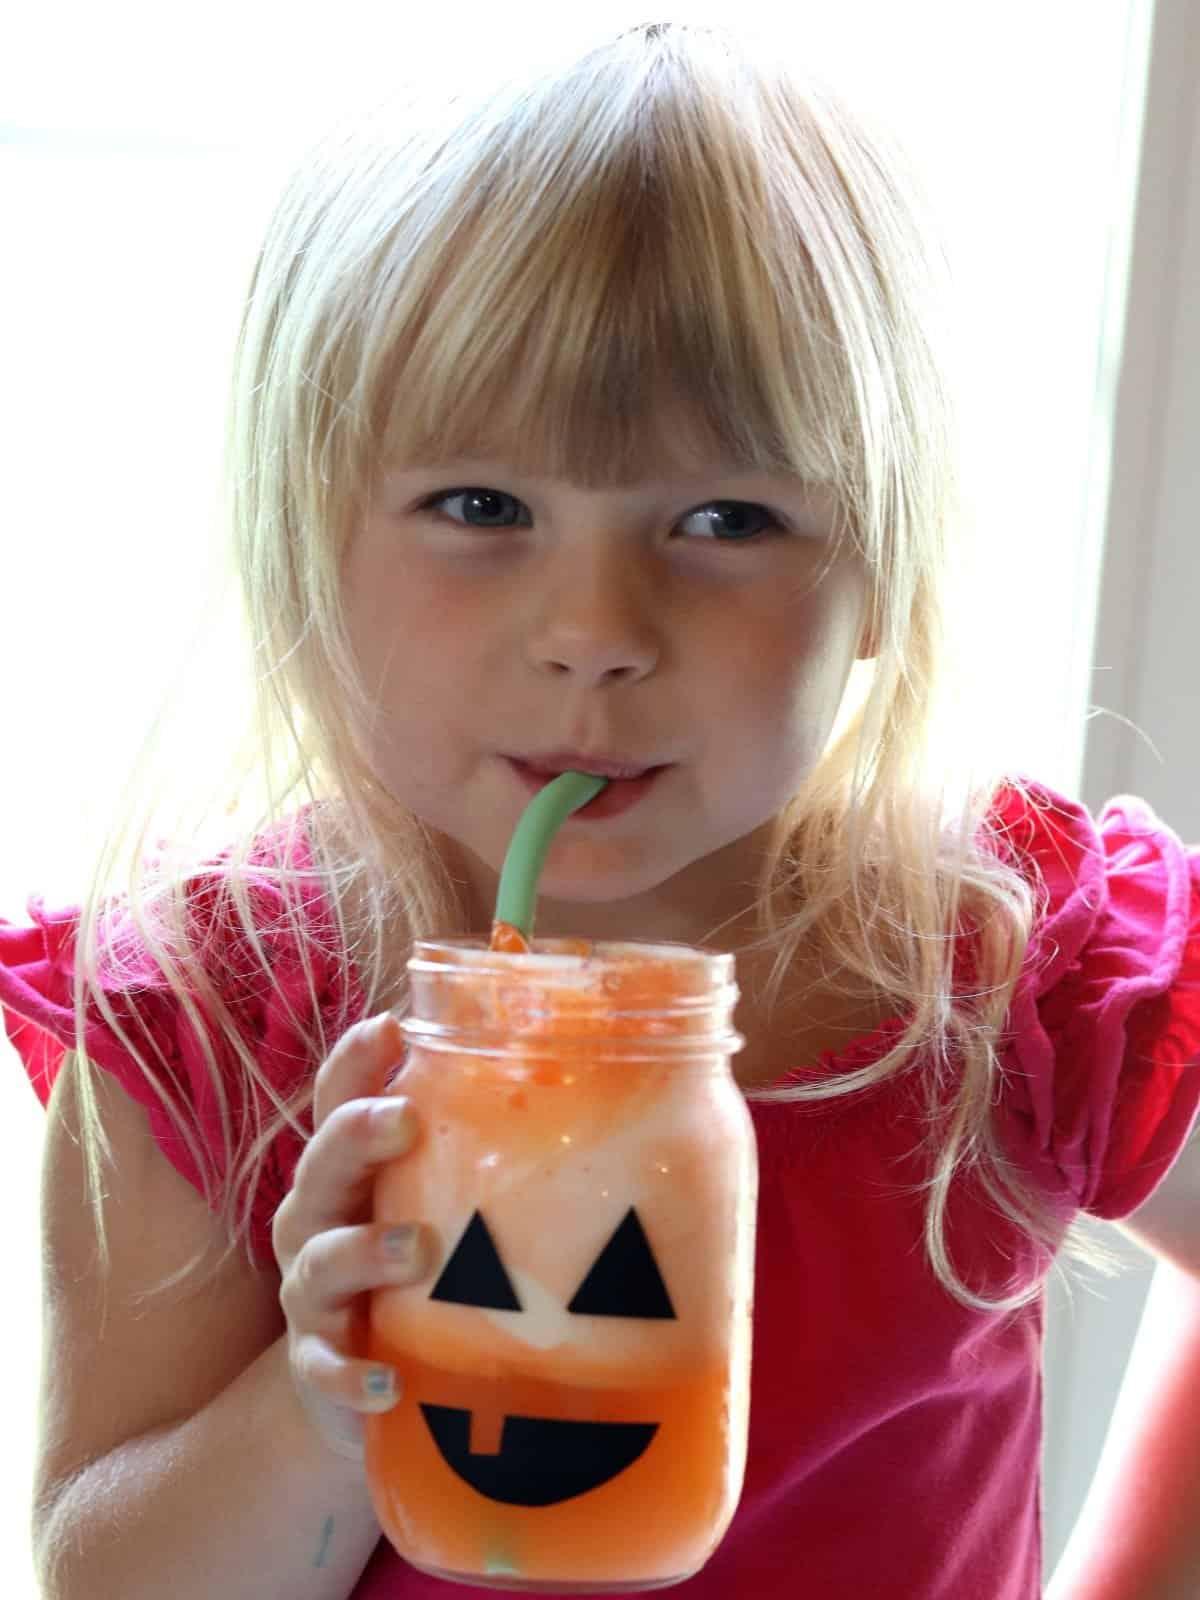 Mason jar jack o lantern with an orange float